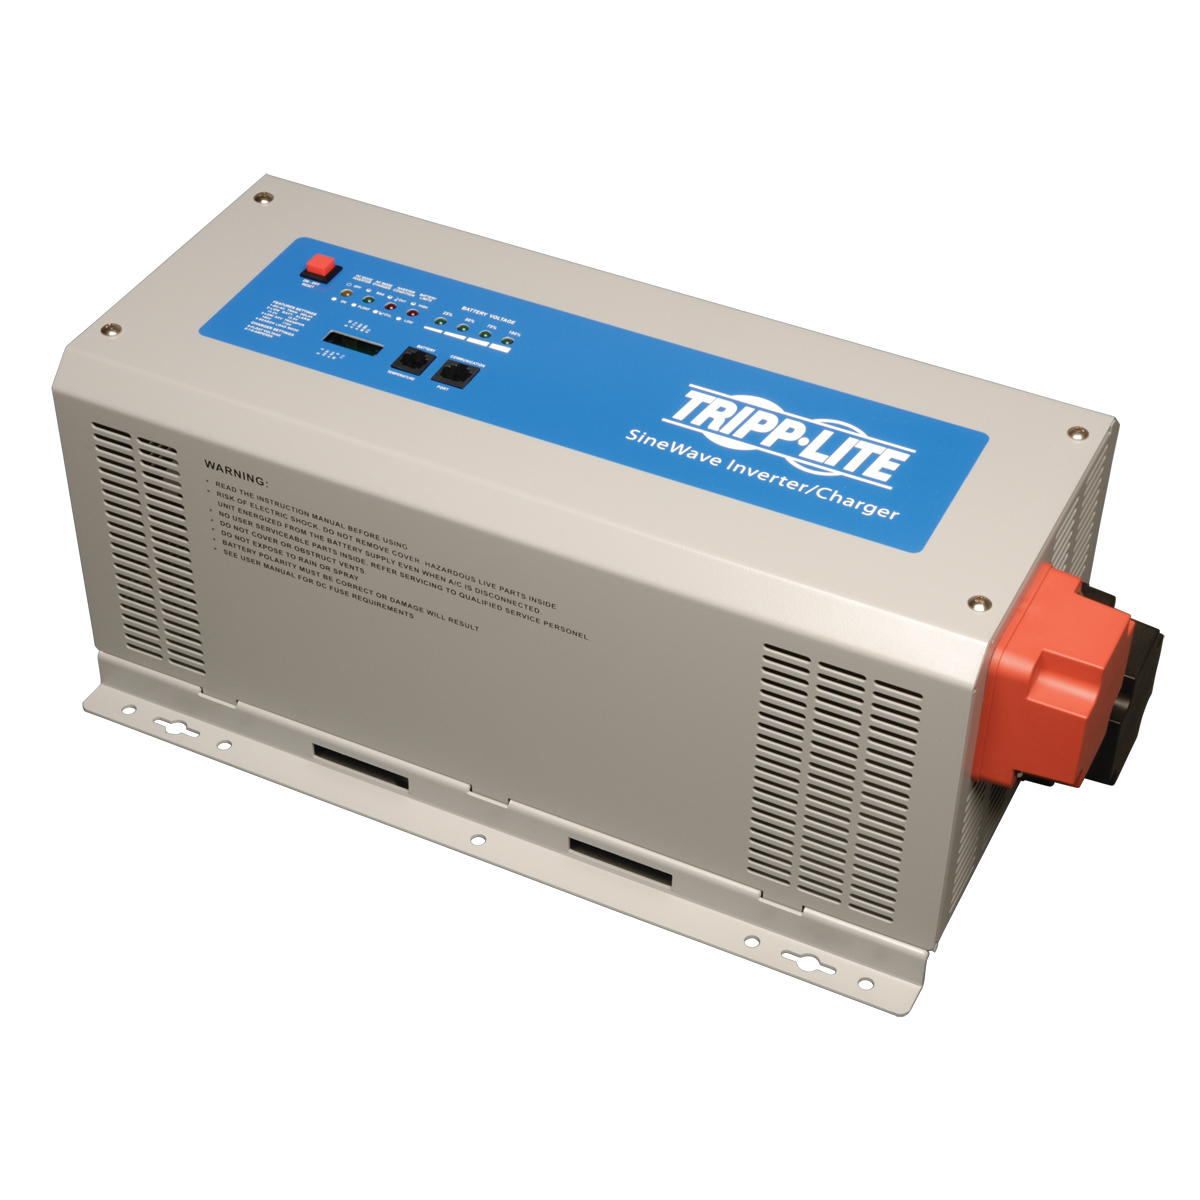 1000w Inverter / Charger Sine Wave 12vdc 230v 4a / 40a Hardwire